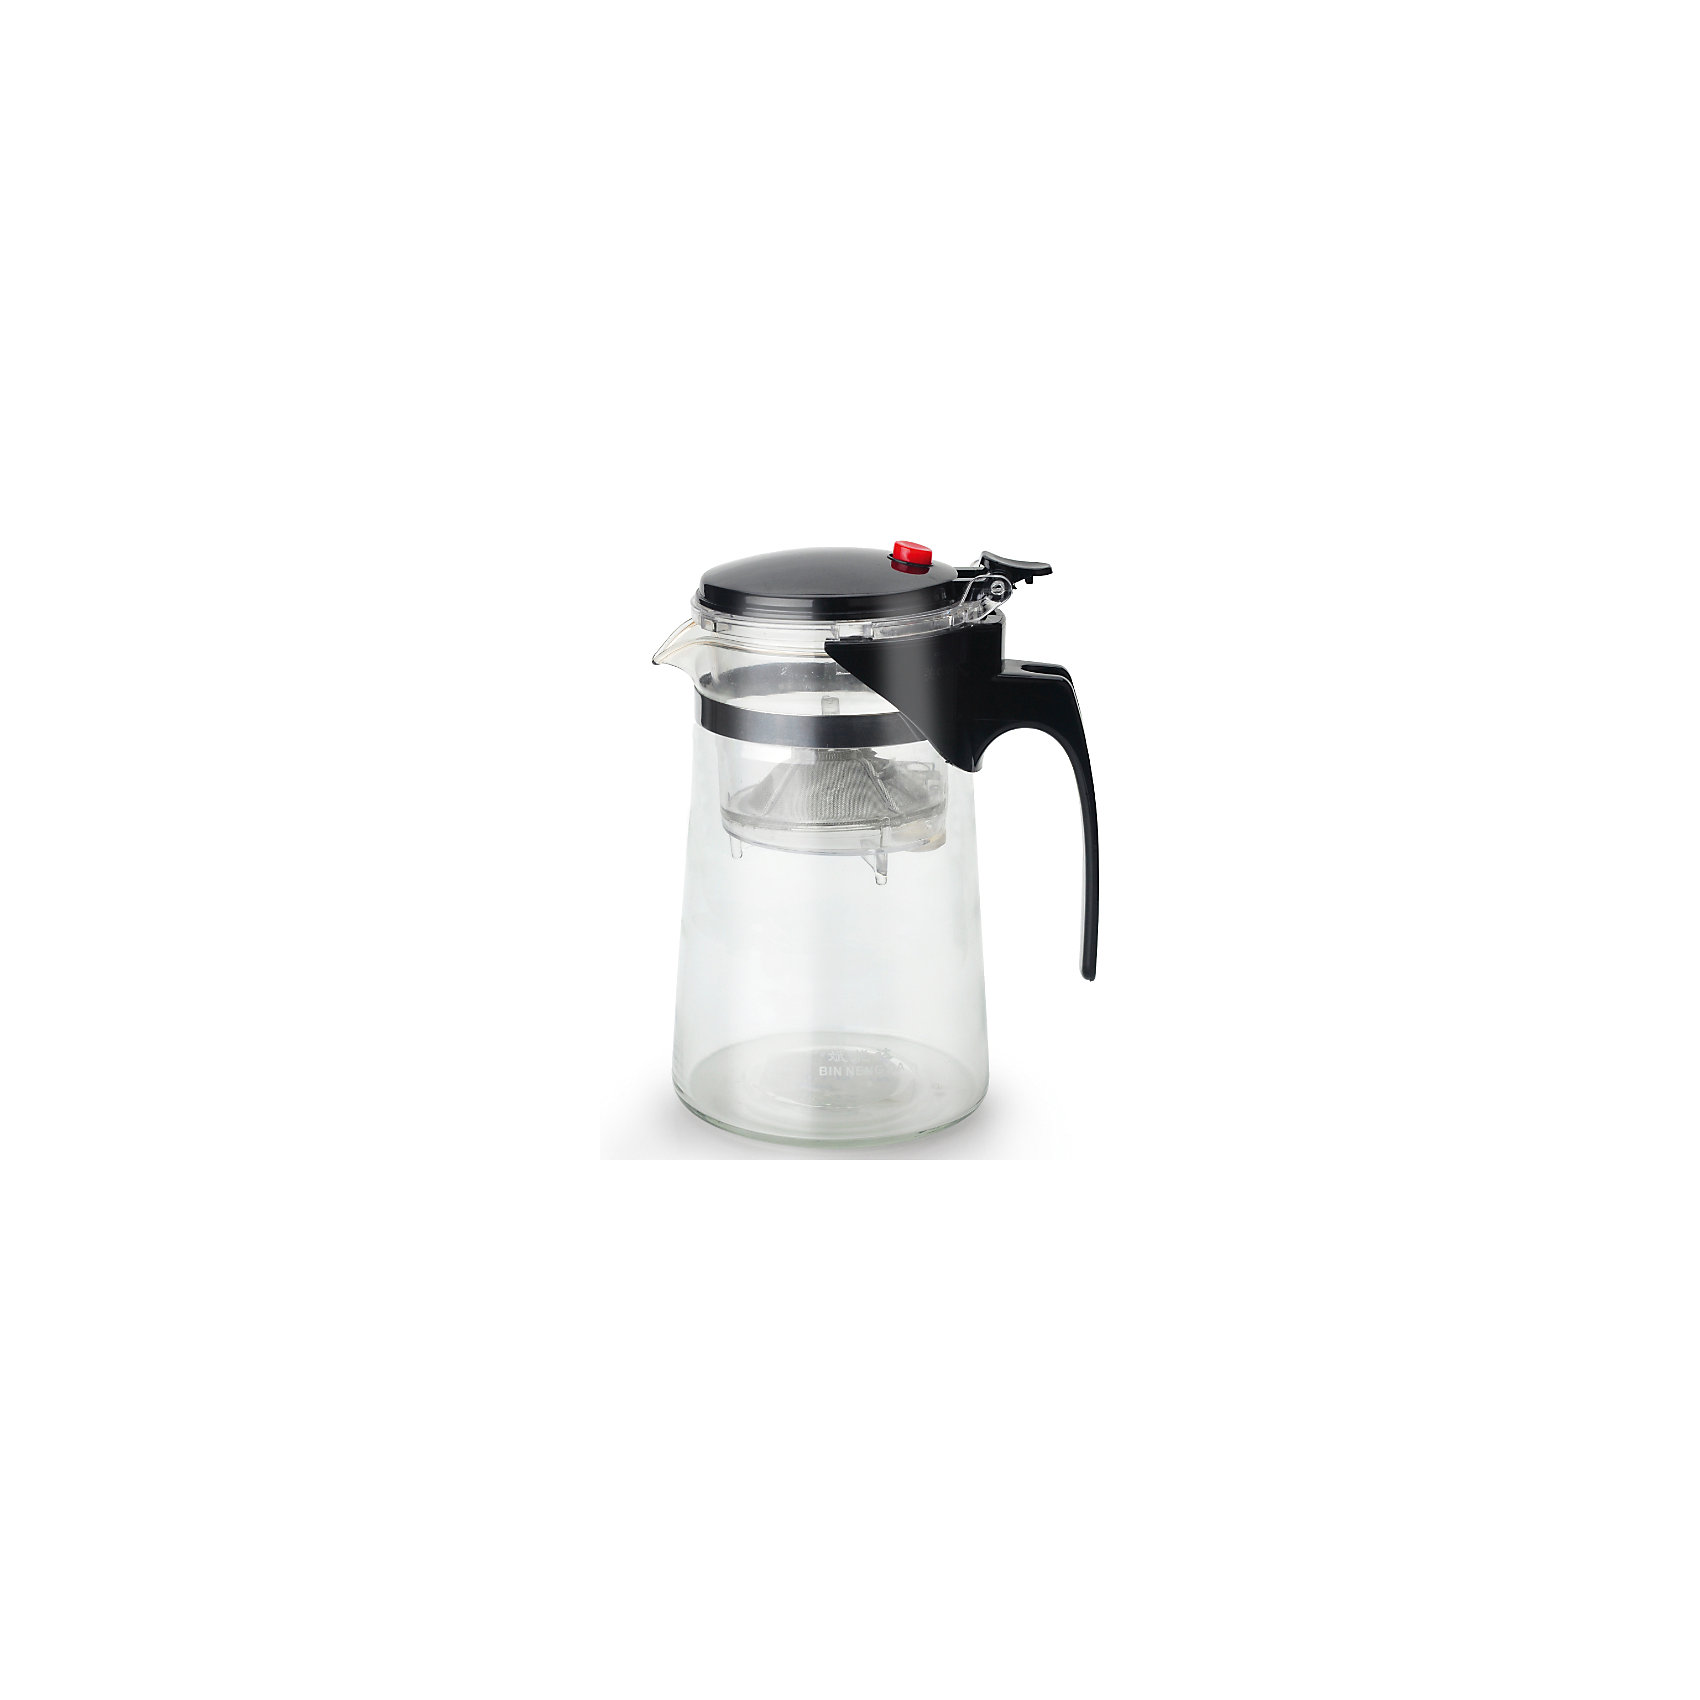 Чайник стеклянный с кнопкой 800 мл, МФК-профит, черныйБытовая техника для кухни<br>Чайник стеклянный с кнопкой 800 мл, МФК-профит, черный.<br><br>Характеристики:<br><br>• Объем: 800 мл.<br>• Цвет: черный<br>• Материал: термостойкое стекло, нетоксичный пластик, нержавеющая сталь<br>• Размер упаковки: 12х10х17,5 см.<br>• Вес: 369 гр.<br><br>Заварочный чайник с кнопкой изготовлен из термостойкого стекла (термостойкость до 100 ?С), устойчив к появлению царапин и сколов, не мутнеет и не впитывает запахов. Крышка из пластика и съемный фильтр для заваривания из нержавеющей стали долговечны и удобны в уходе. Чайник оснащён удобной не нагревающейся ручкой. Форма края носика препятствует образованию подтеков. Практичный и удобный стеклянный чайник поможет Вам приготовить крепкий, ароматный чай. Заварочный чайник рекомендуется мыть вручную с применением жидких моющих средств.<br><br>Чайник стеклянный с кнопкой 800 мл, МФК-профит, черный можно купить в нашем интернет-магазине.<br><br>Ширина мм: 120<br>Глубина мм: 100<br>Высота мм: 175<br>Вес г: 369<br>Возраст от месяцев: 36<br>Возраст до месяцев: 1188<br>Пол: Унисекс<br>Возраст: Детский<br>SKU: 5601147